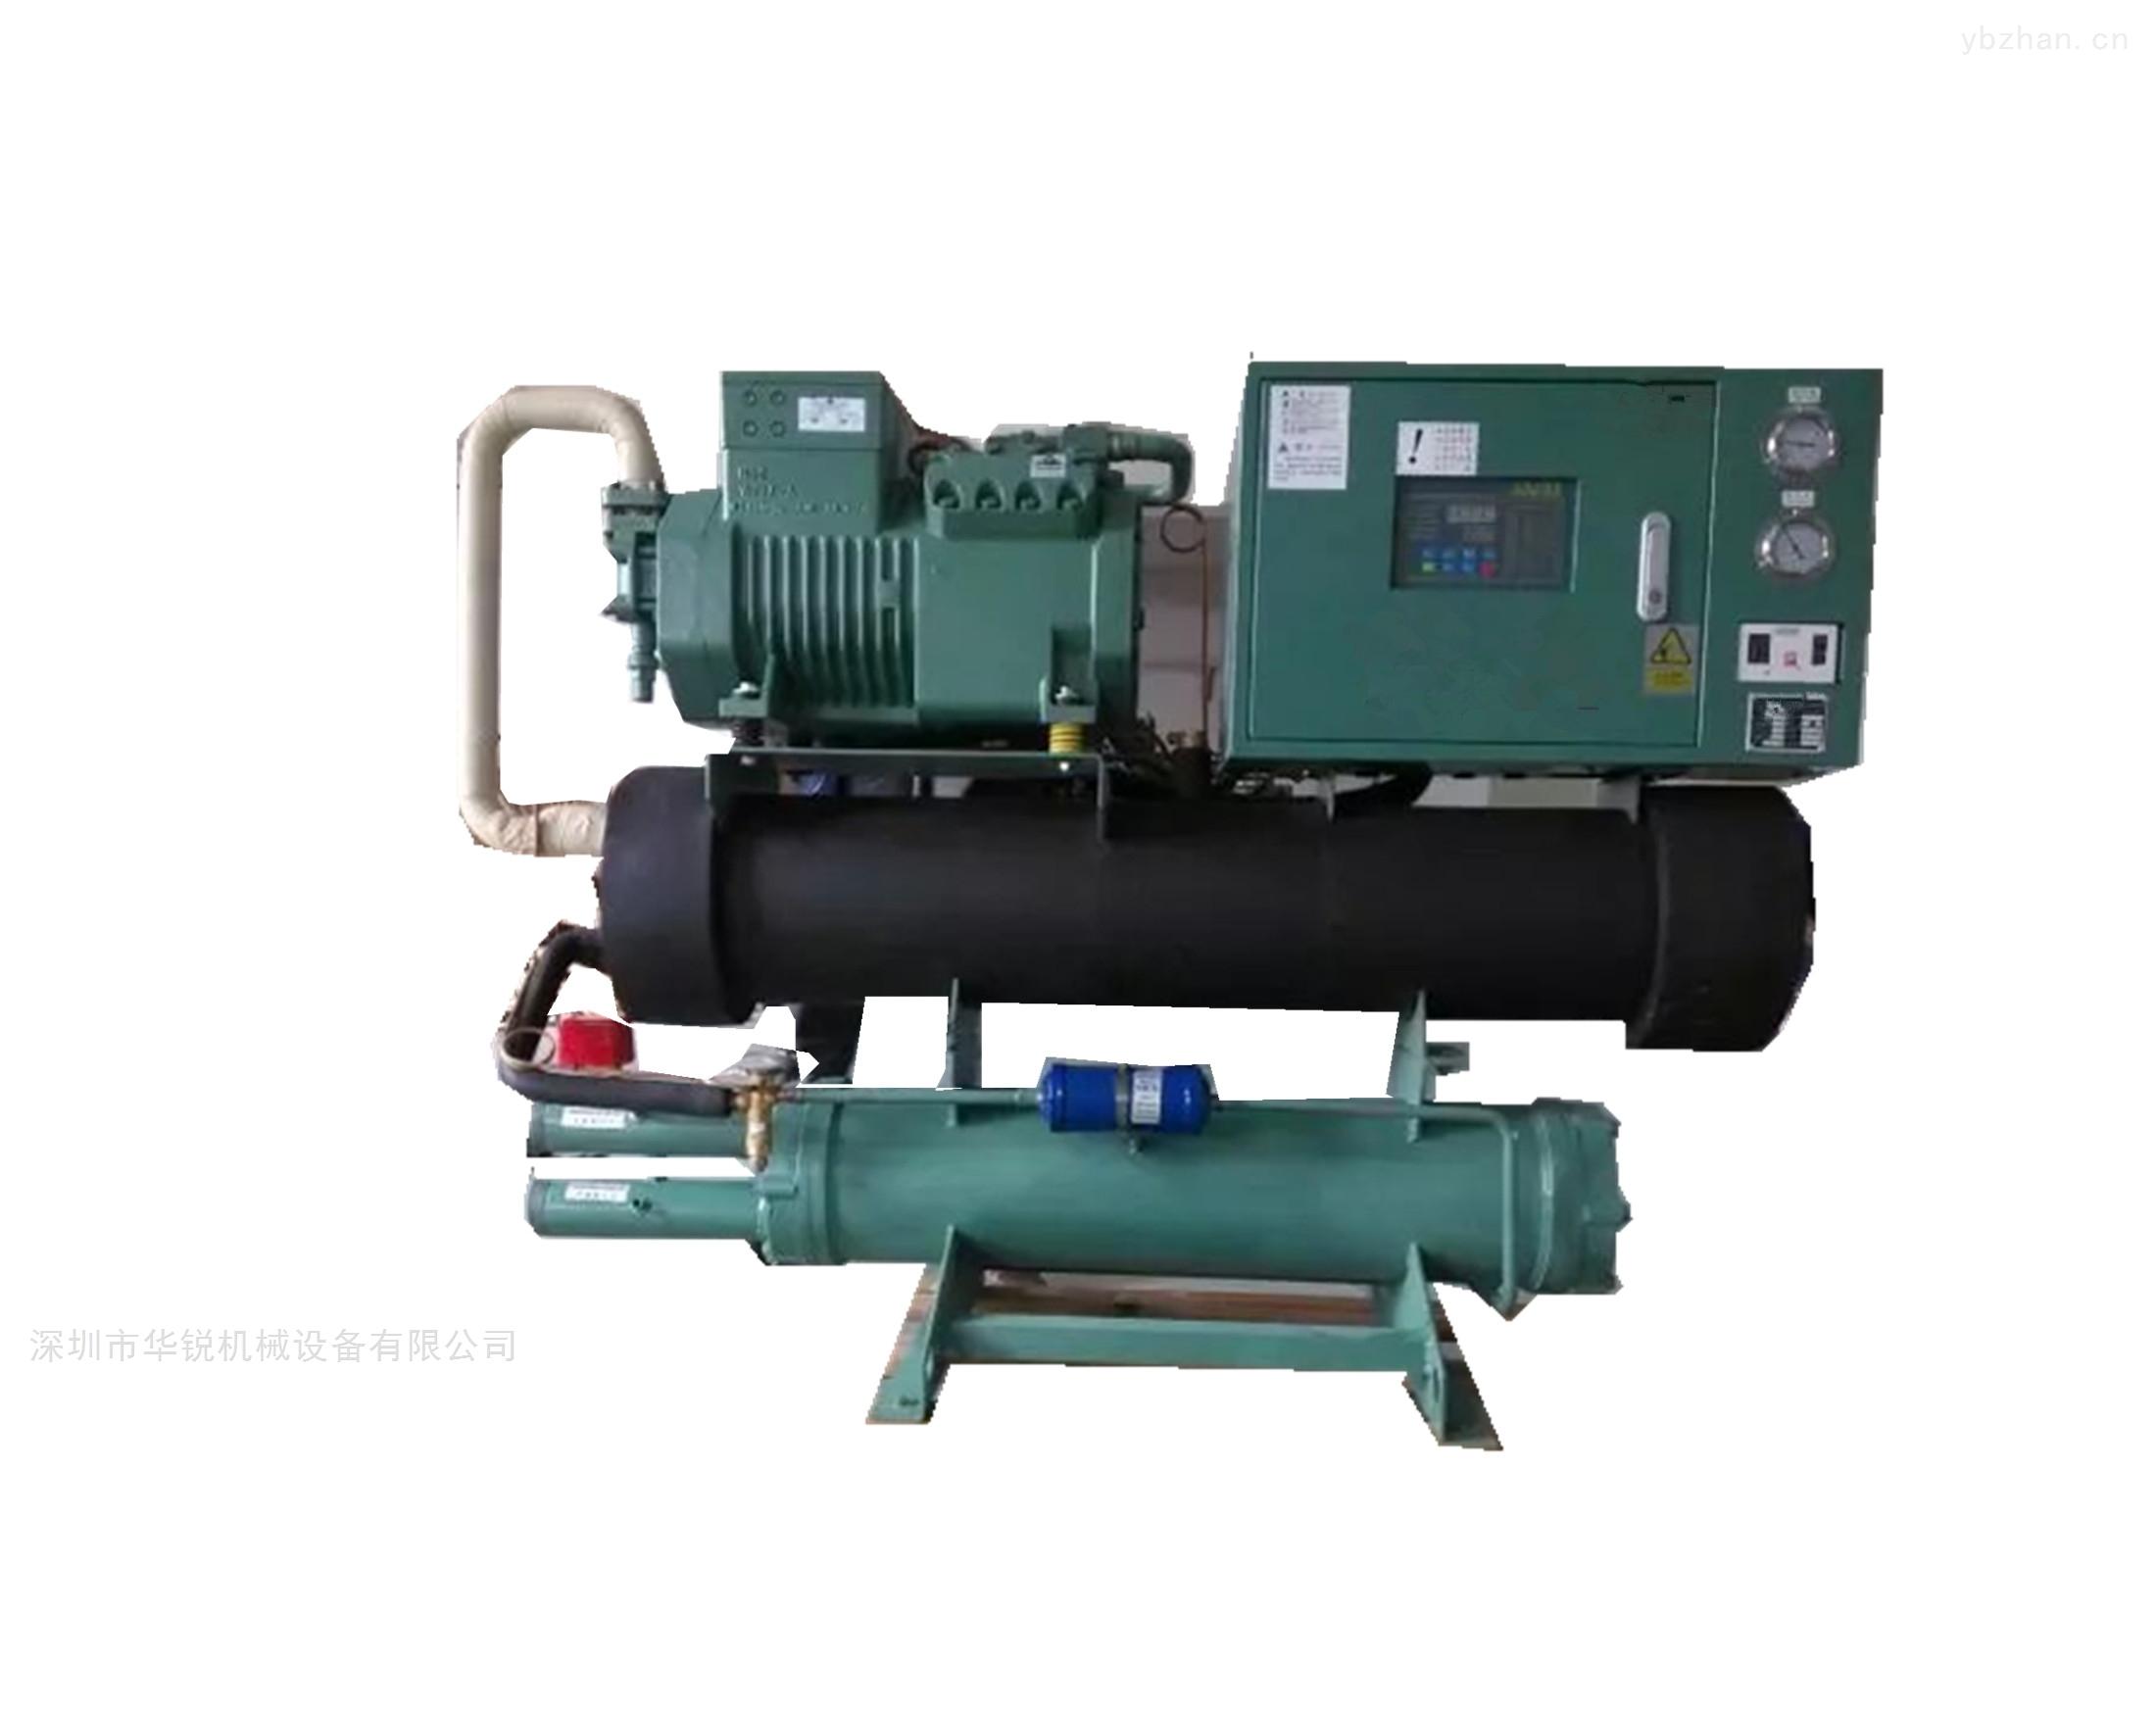 HR-40WT-HR低温型冷冻机组型号